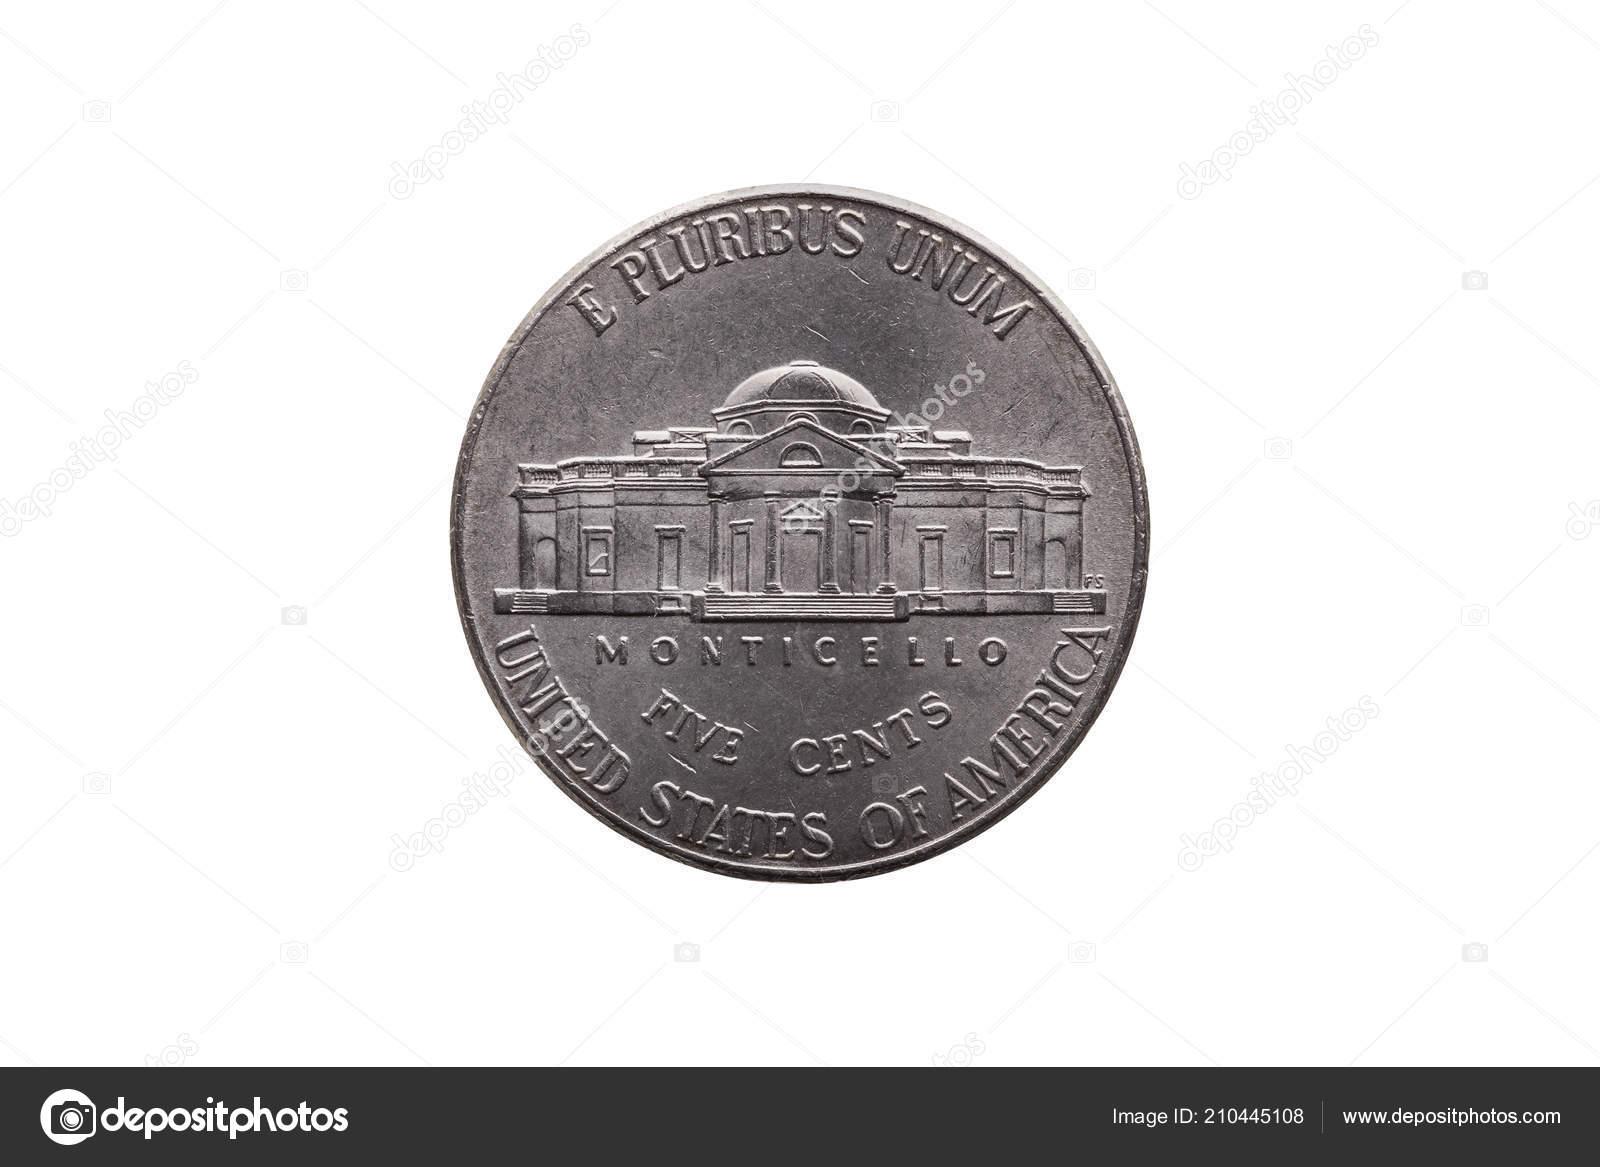 Usa Einem Halben Cent Nickel Münze Cent Reverse Zeigt Monticello